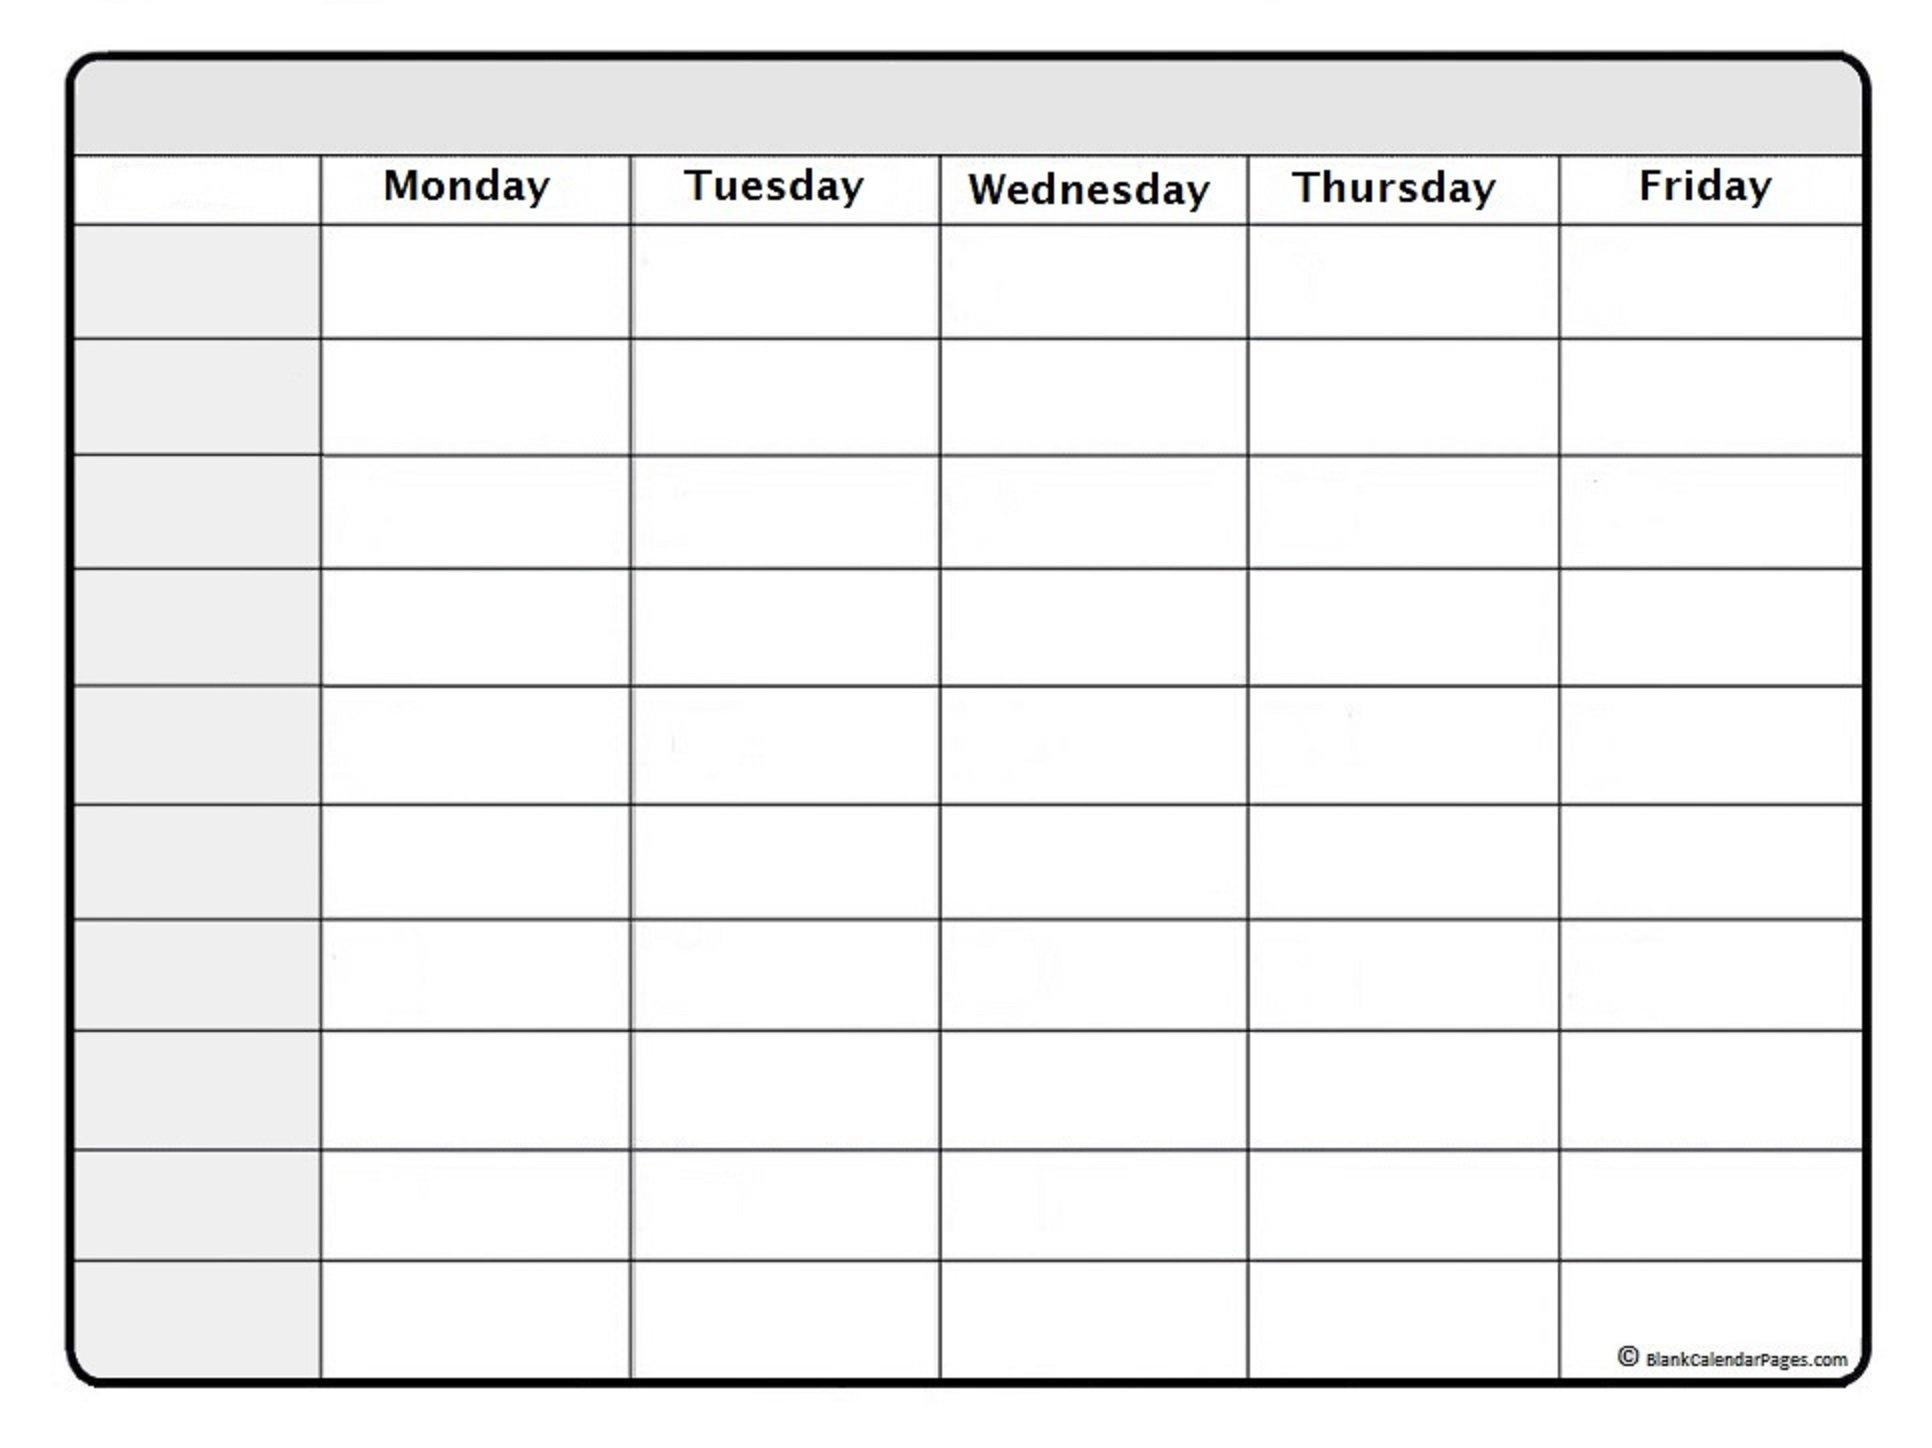 June 2020 Weekly Calendar | June 2020 Weekly Calendar Template Printable One Week Calender